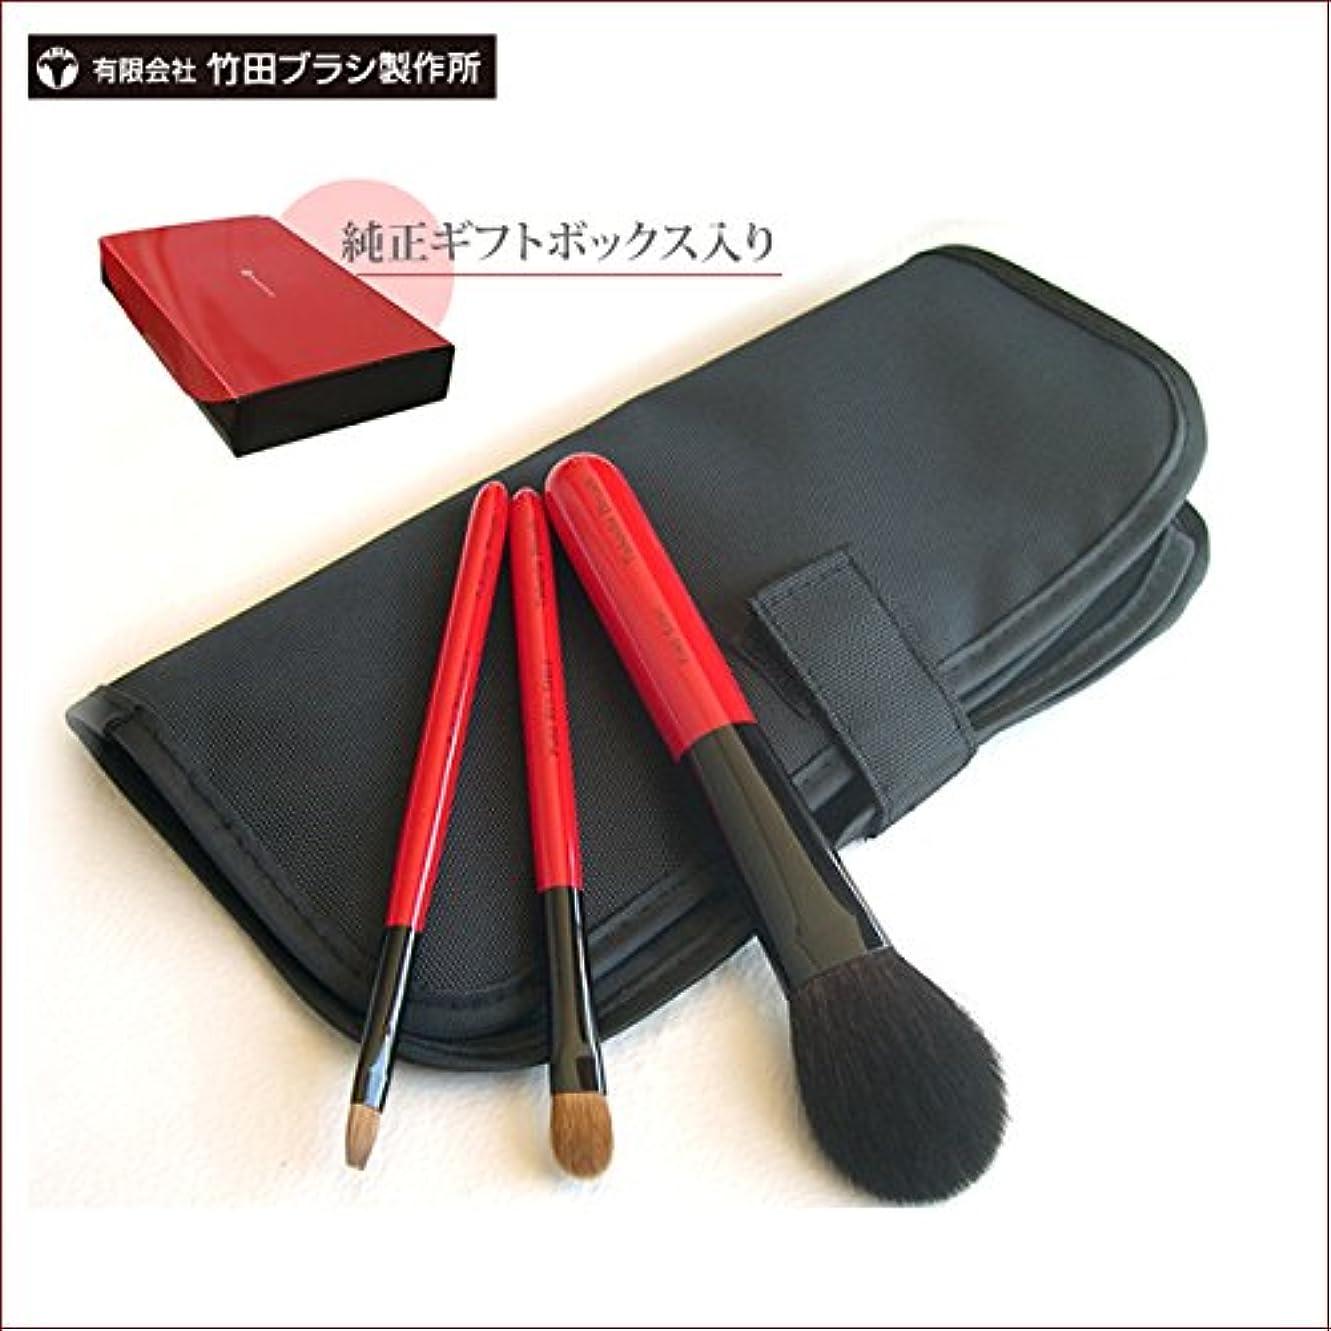 恵み階延ばす有限会社竹田ブラシ製作所の熊野化粧筆 特別3本セット (純正ギフトボックス入り)